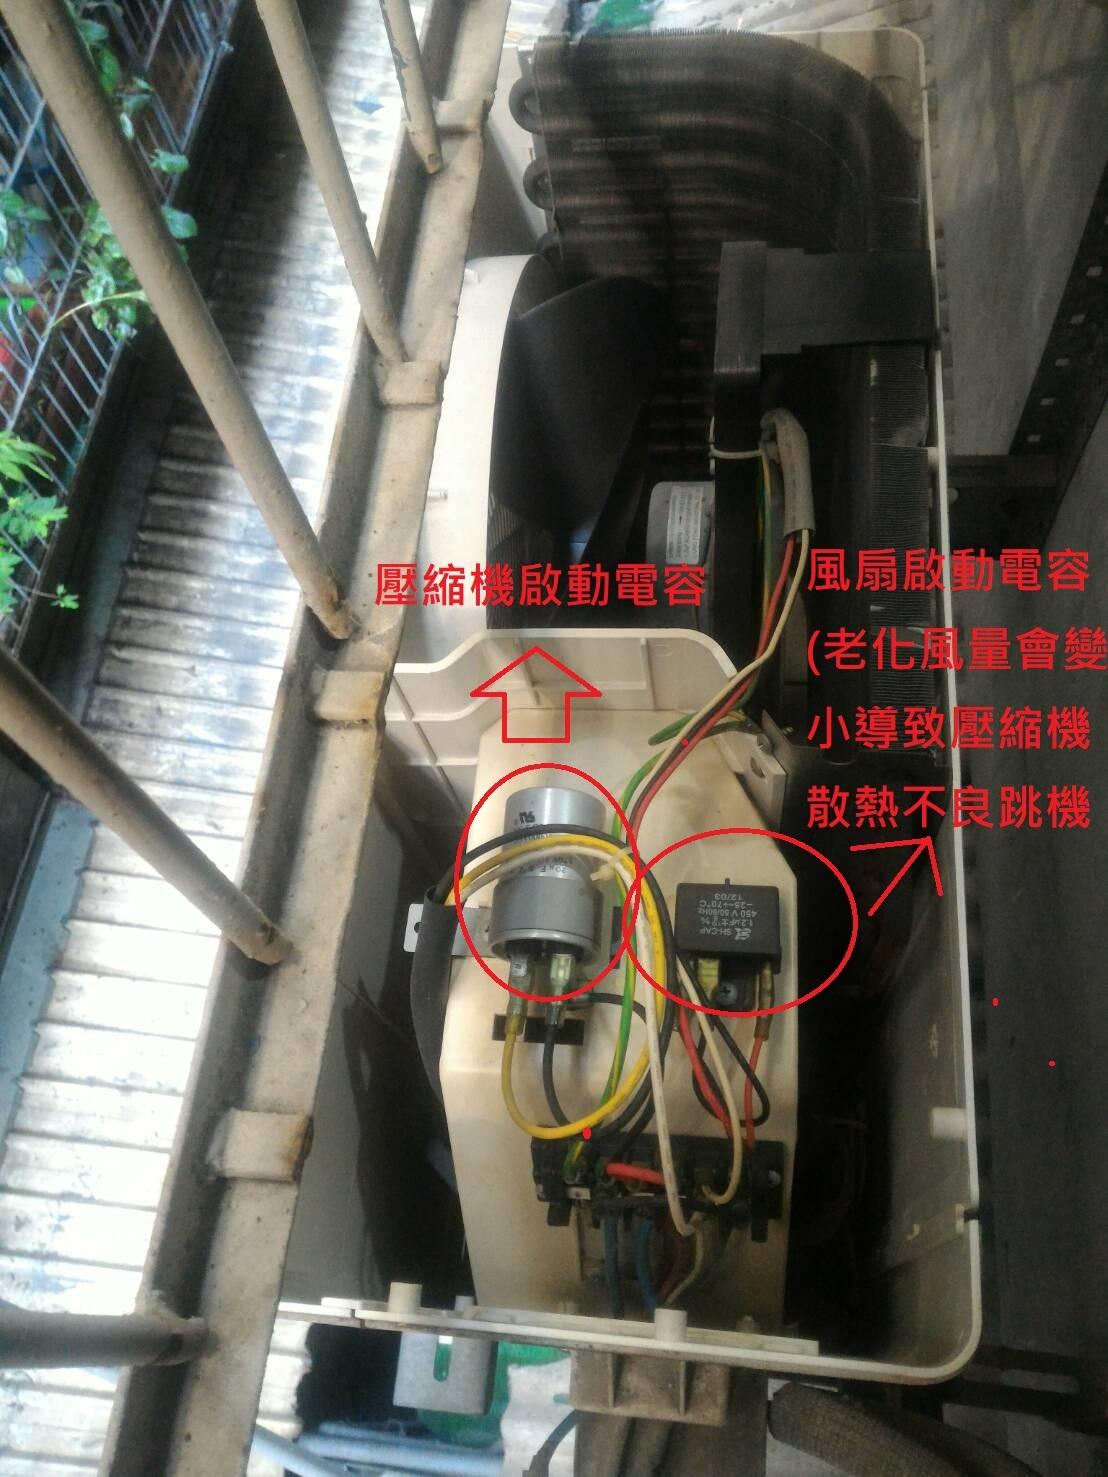 日立冷氣維修找原廠還是民間比較好? - Mobile01